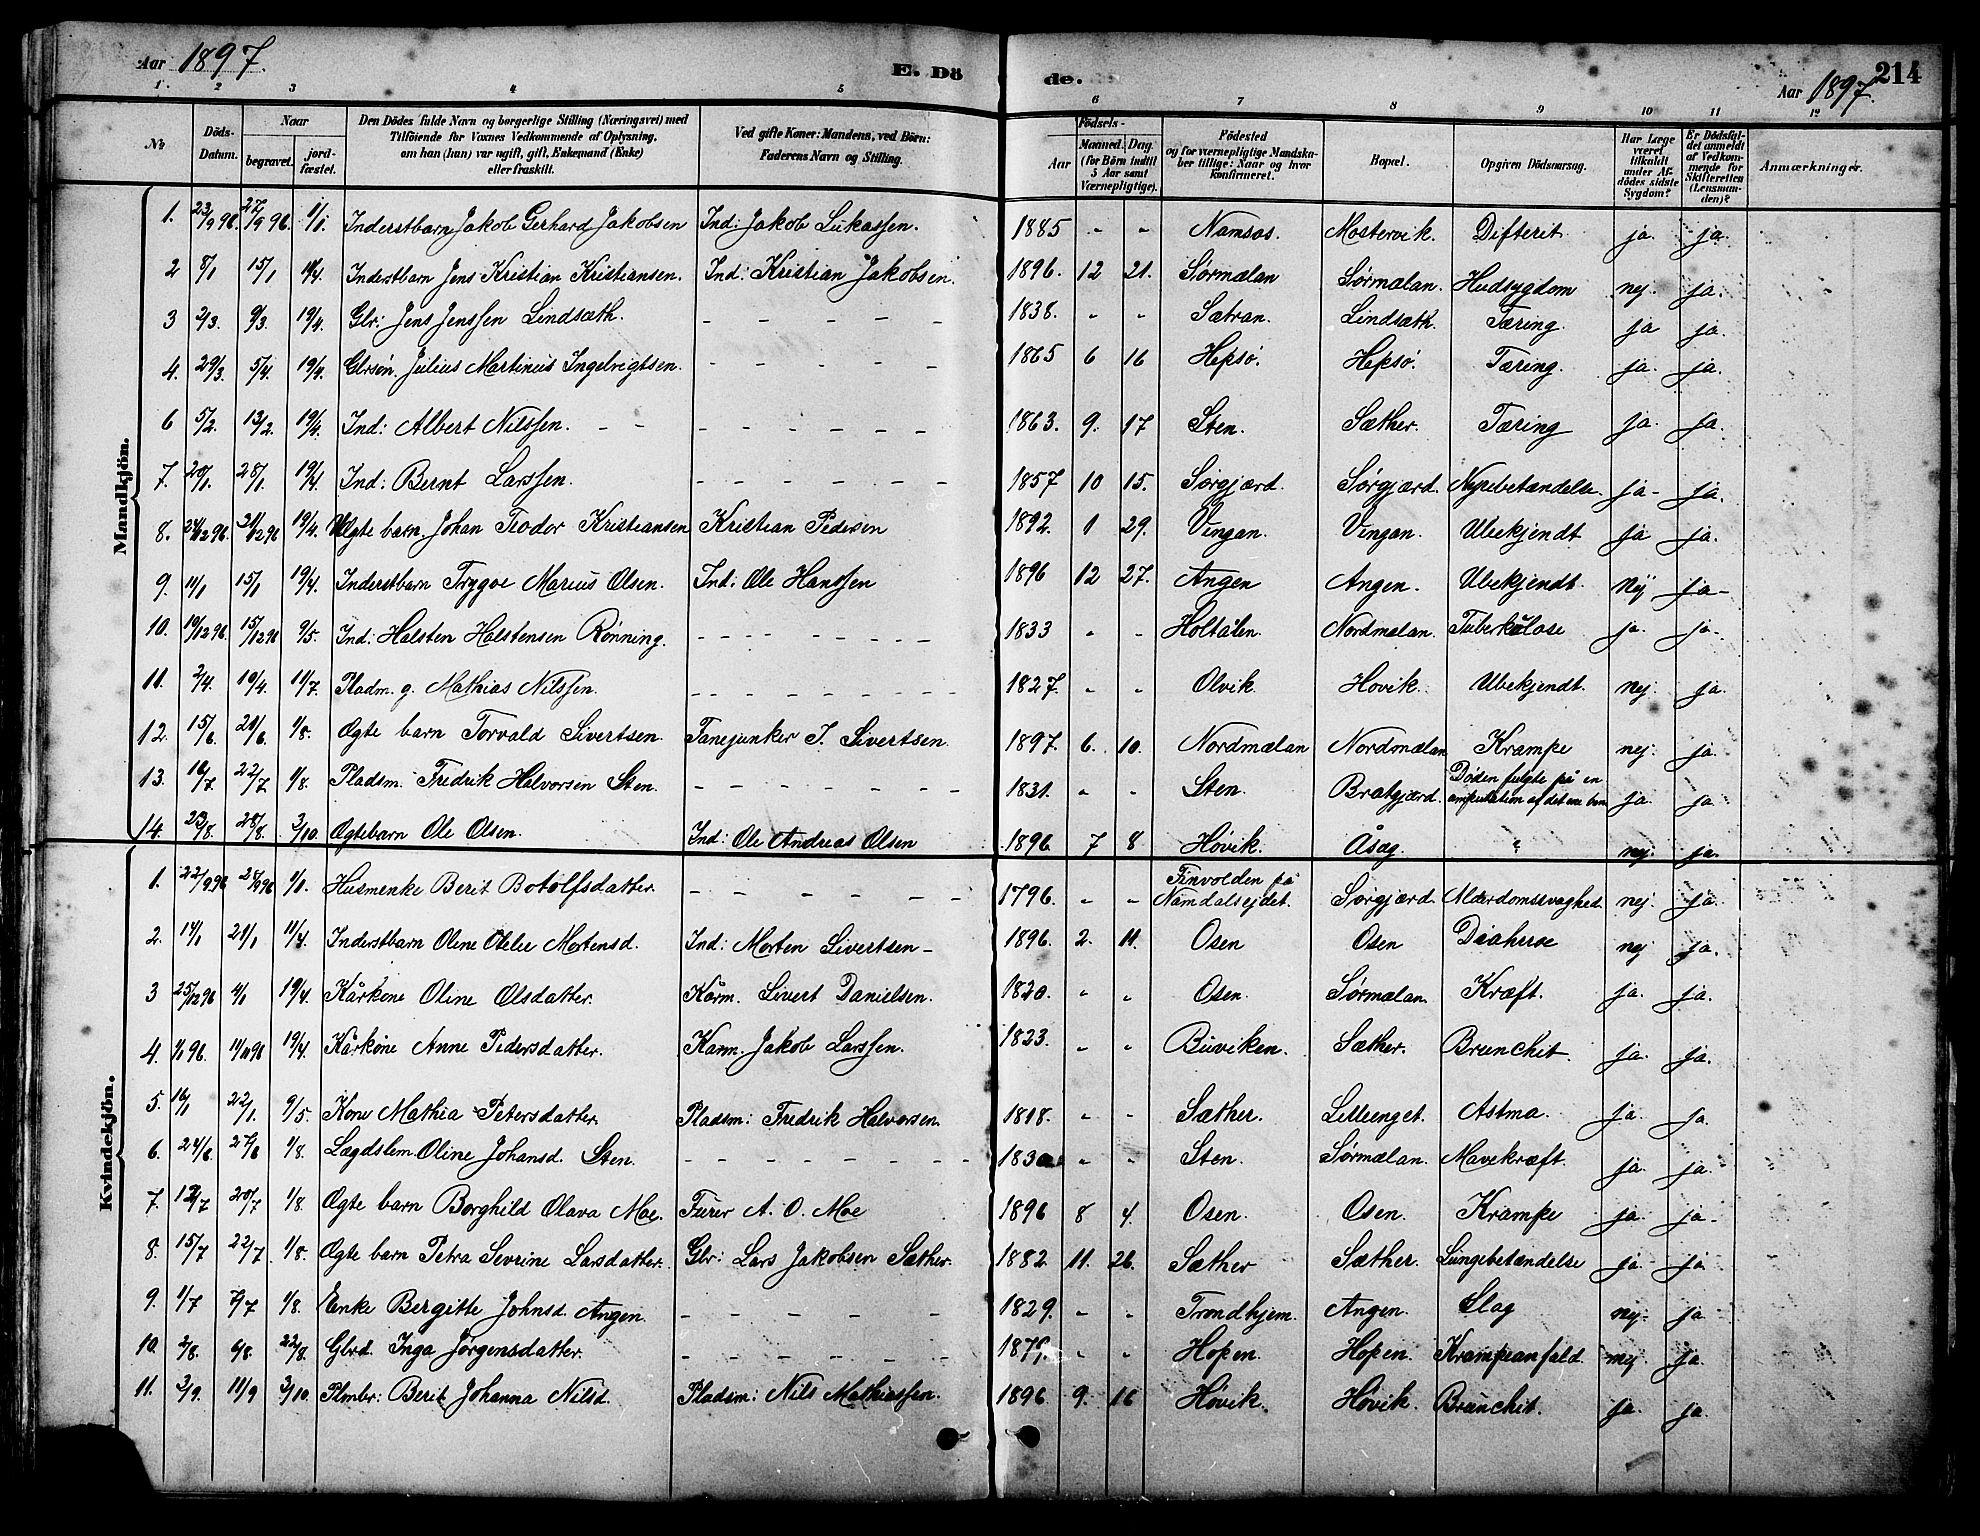 SAT, Ministerialprotokoller, klokkerbøker og fødselsregistre - Sør-Trøndelag, 658/L0726: Klokkerbok nr. 658C02, 1883-1908, s. 214